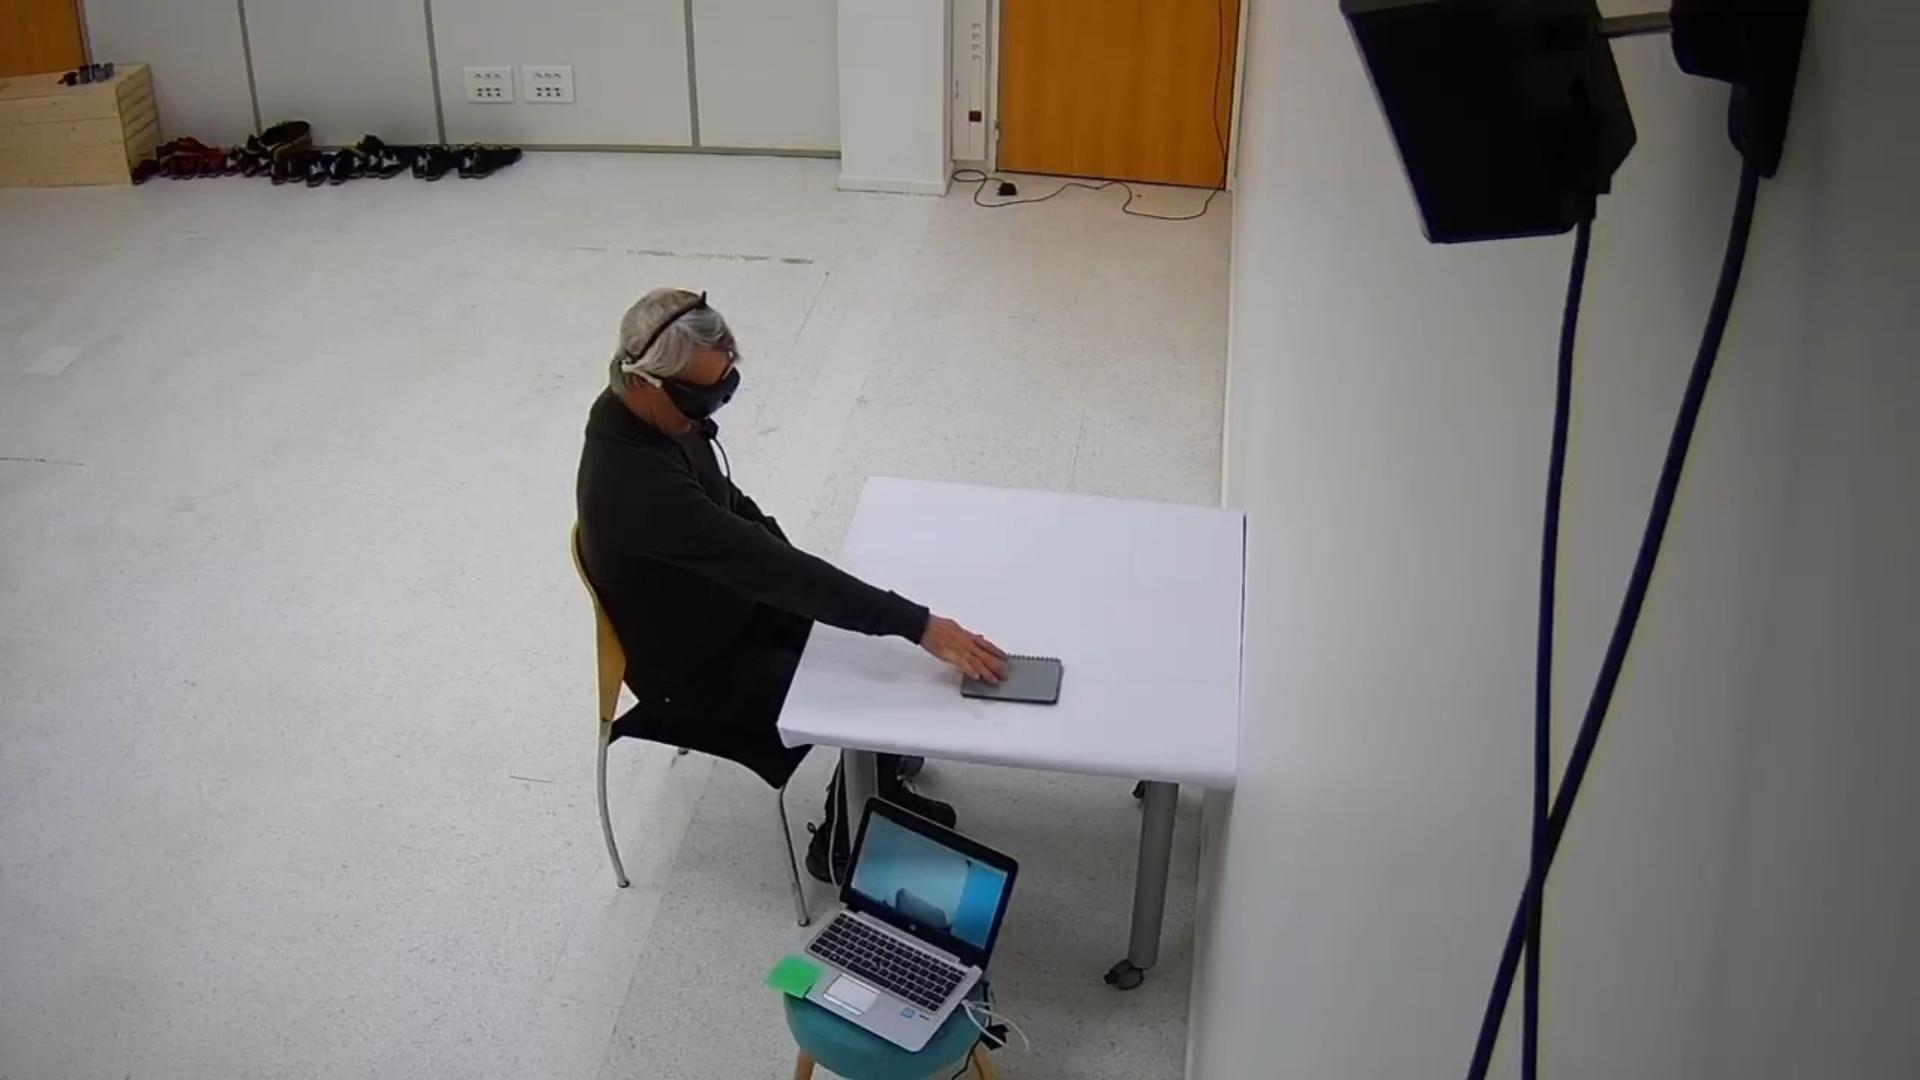 vakság gyógyítása látáskezelési technikák